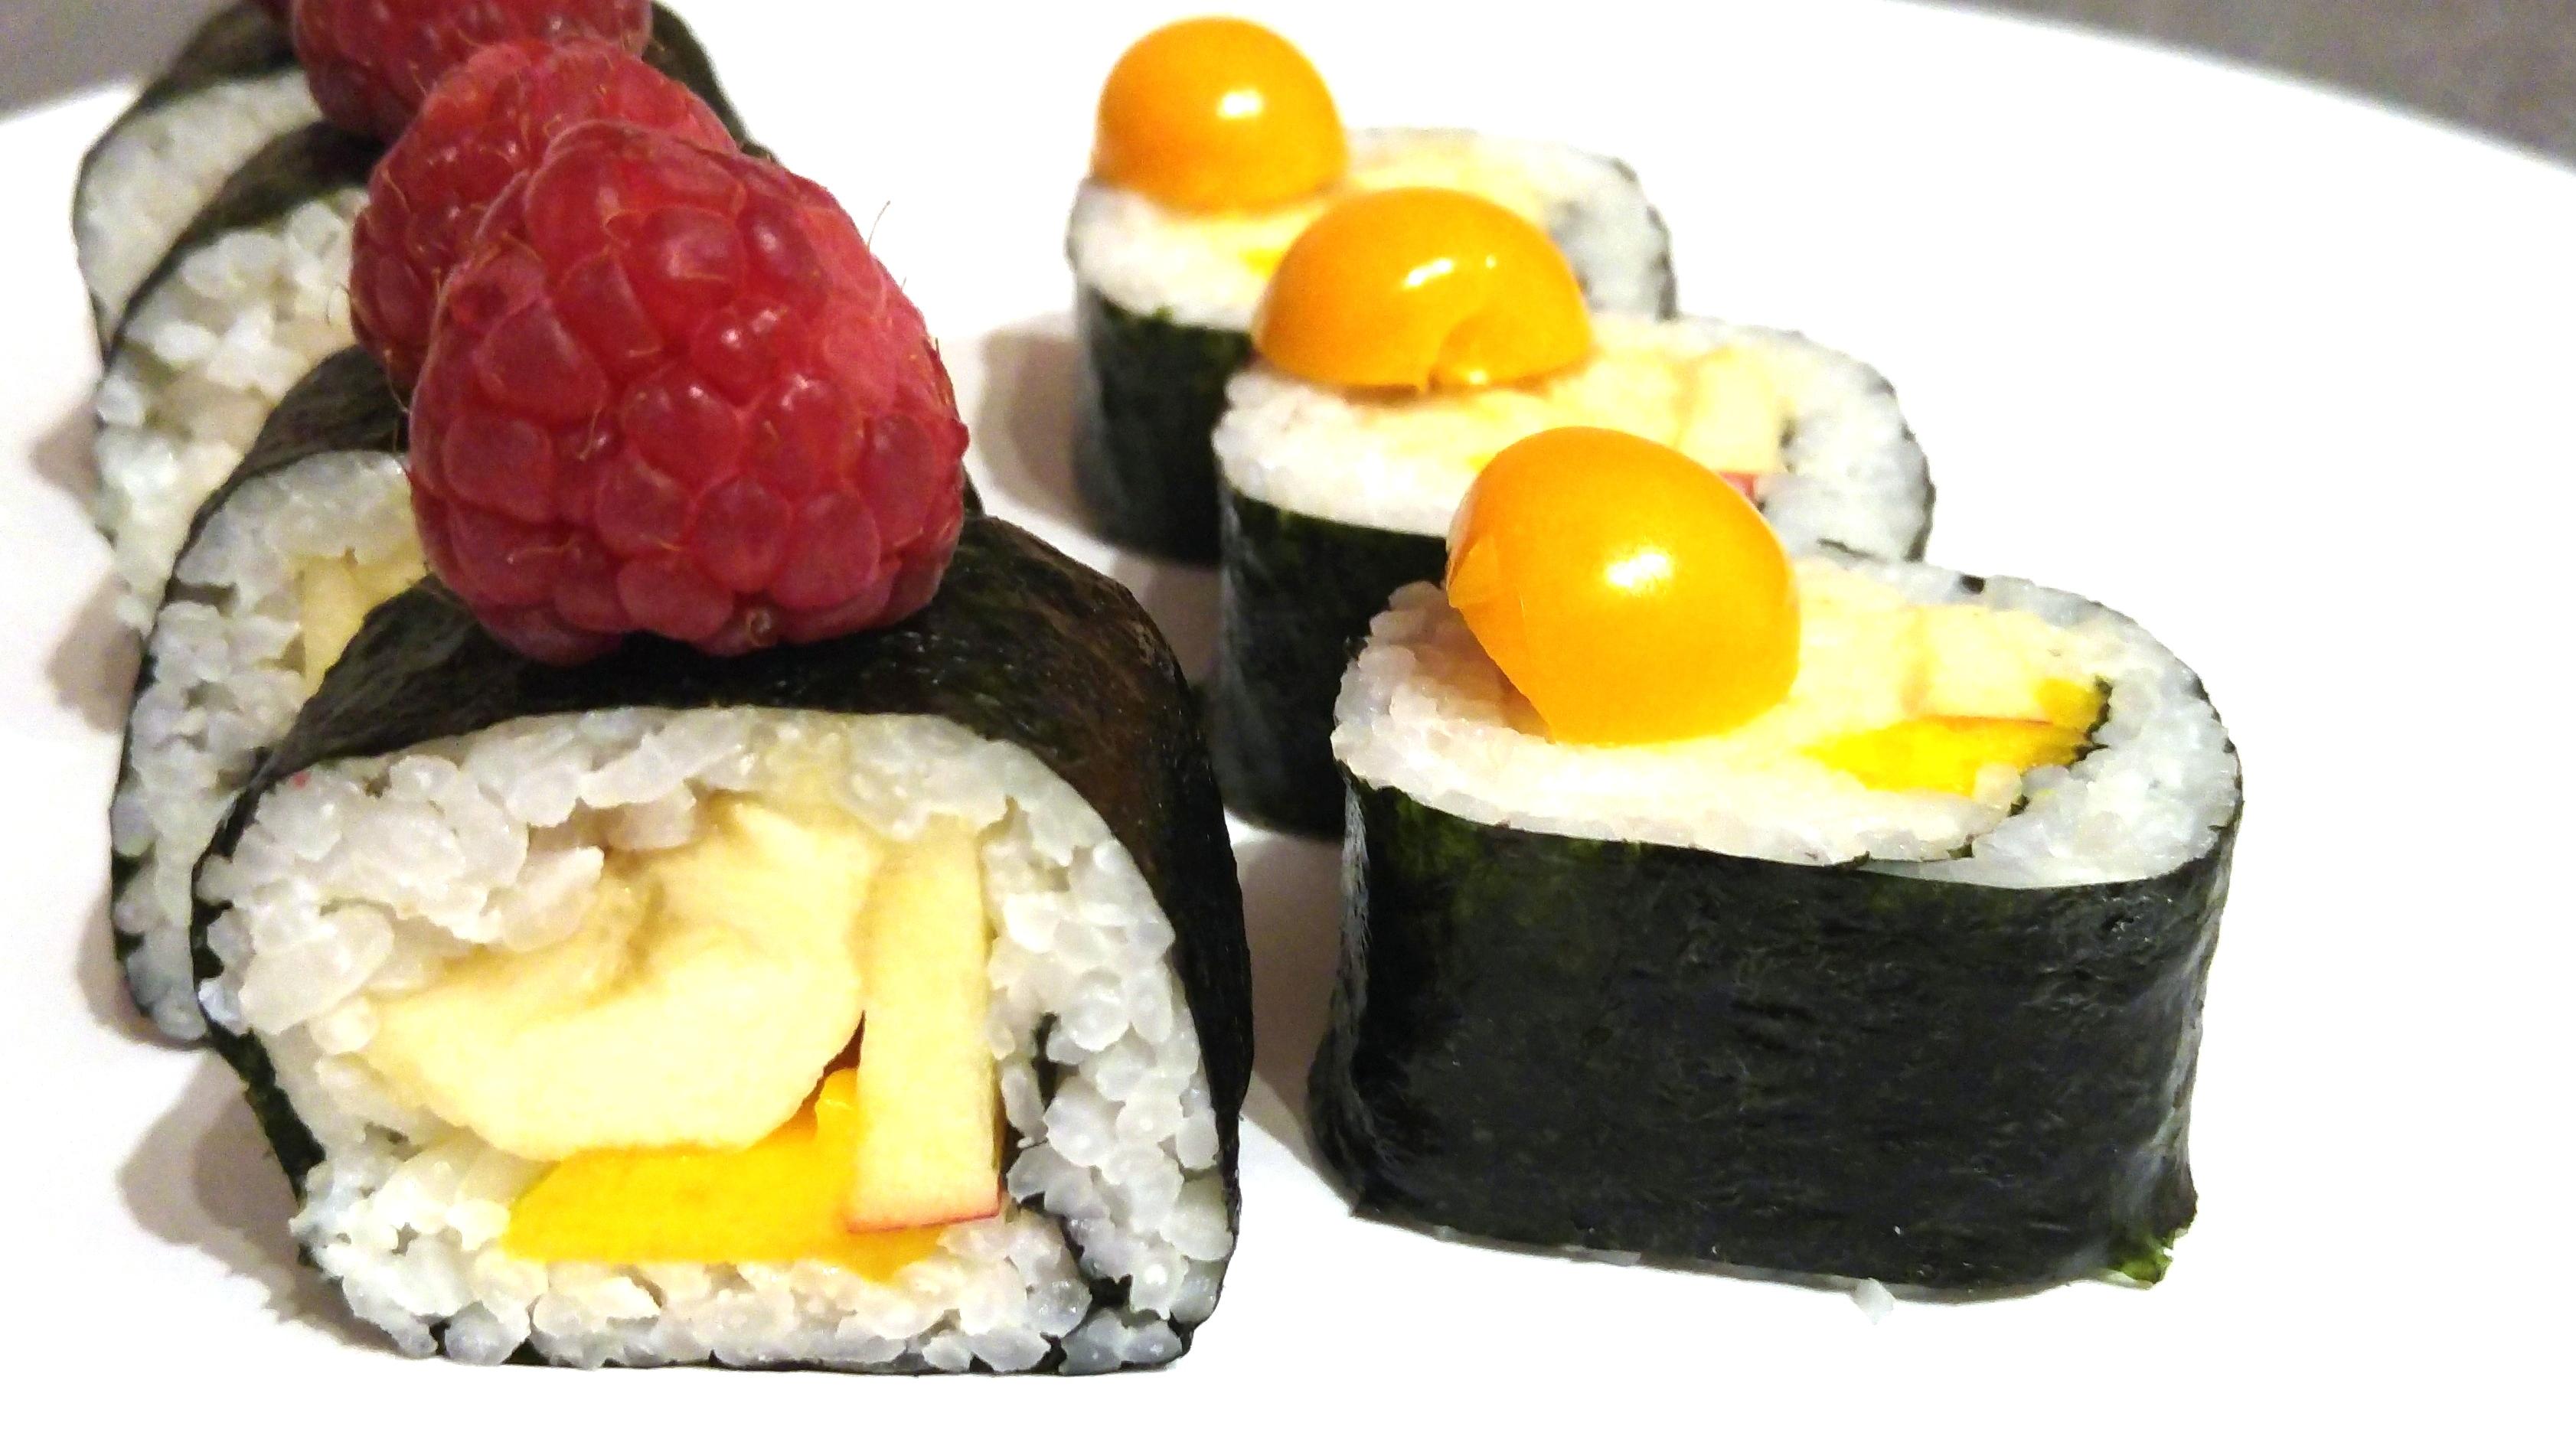 Fruchtiges Sushi mit Banane Mango und Apfel